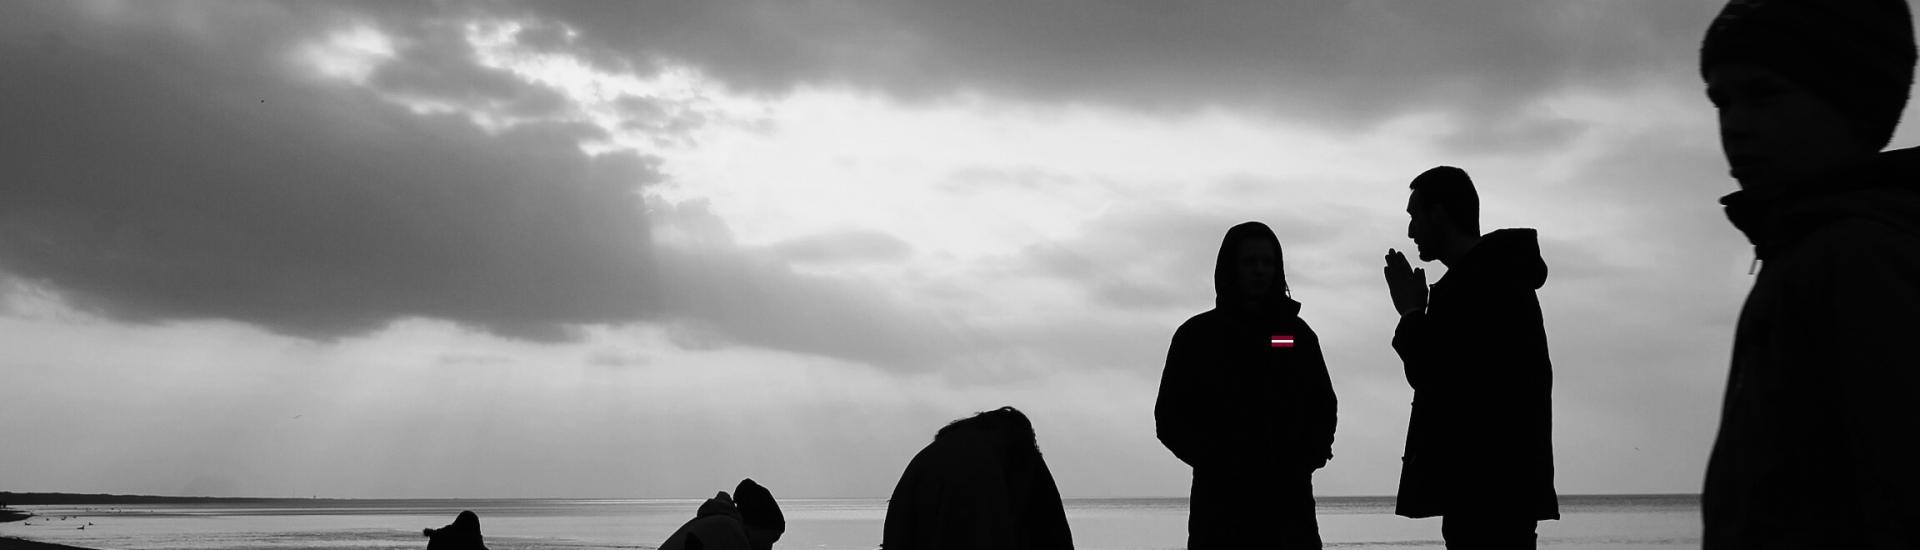 Vai tiešām līdzcilvēka brīvība kristietim ir nasta?